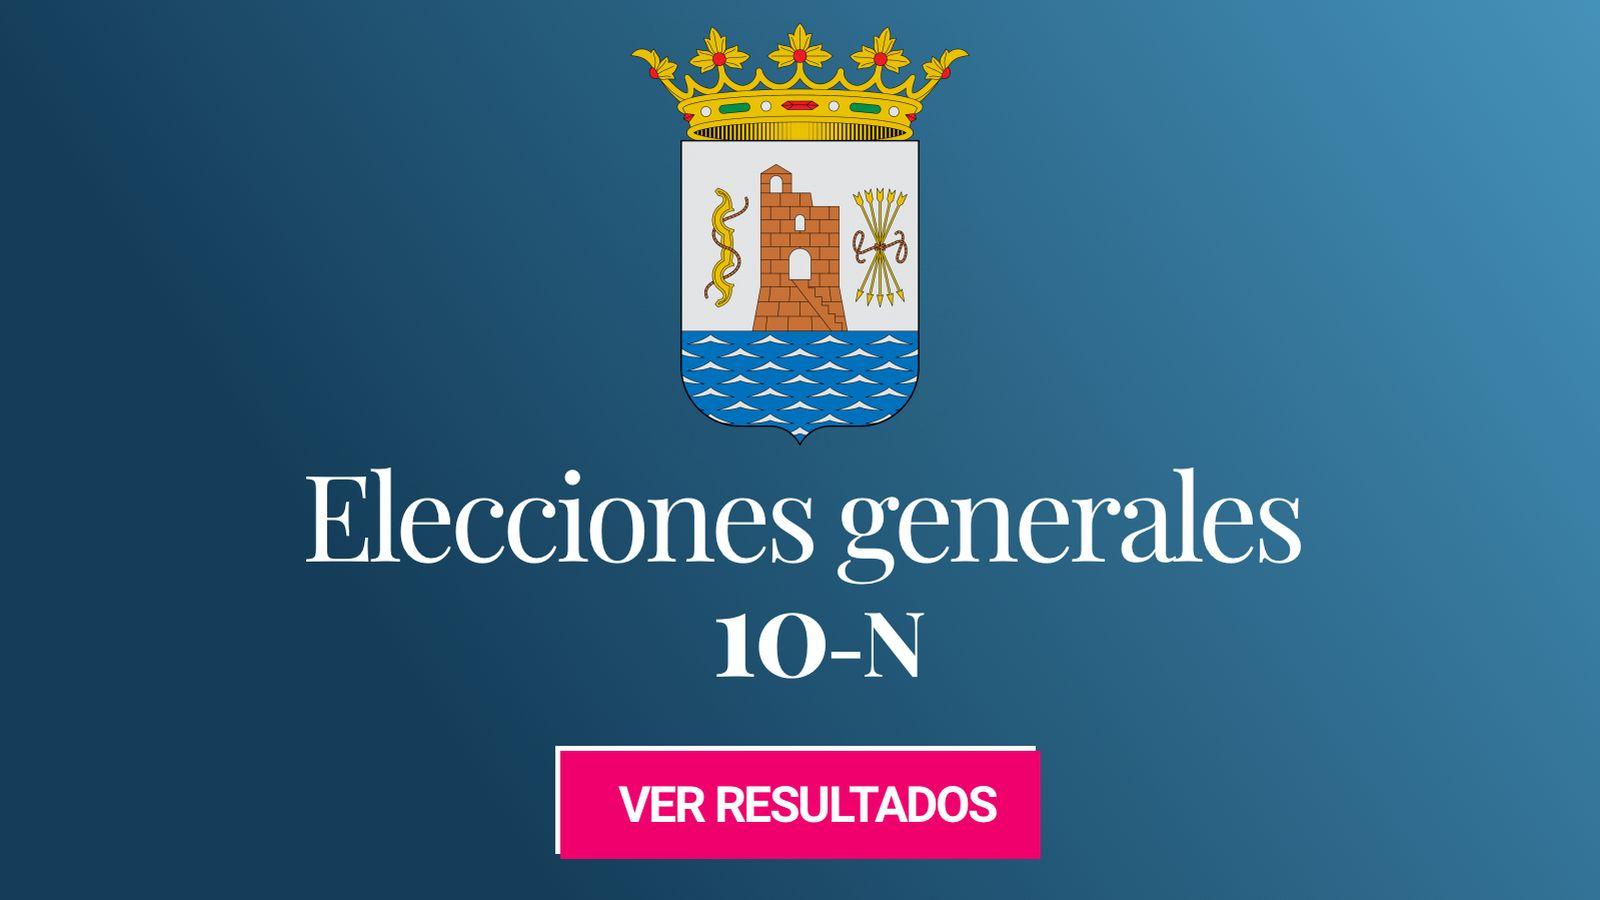 Foto: Elecciones generales 2019 en Marbella. (C.C./EC)